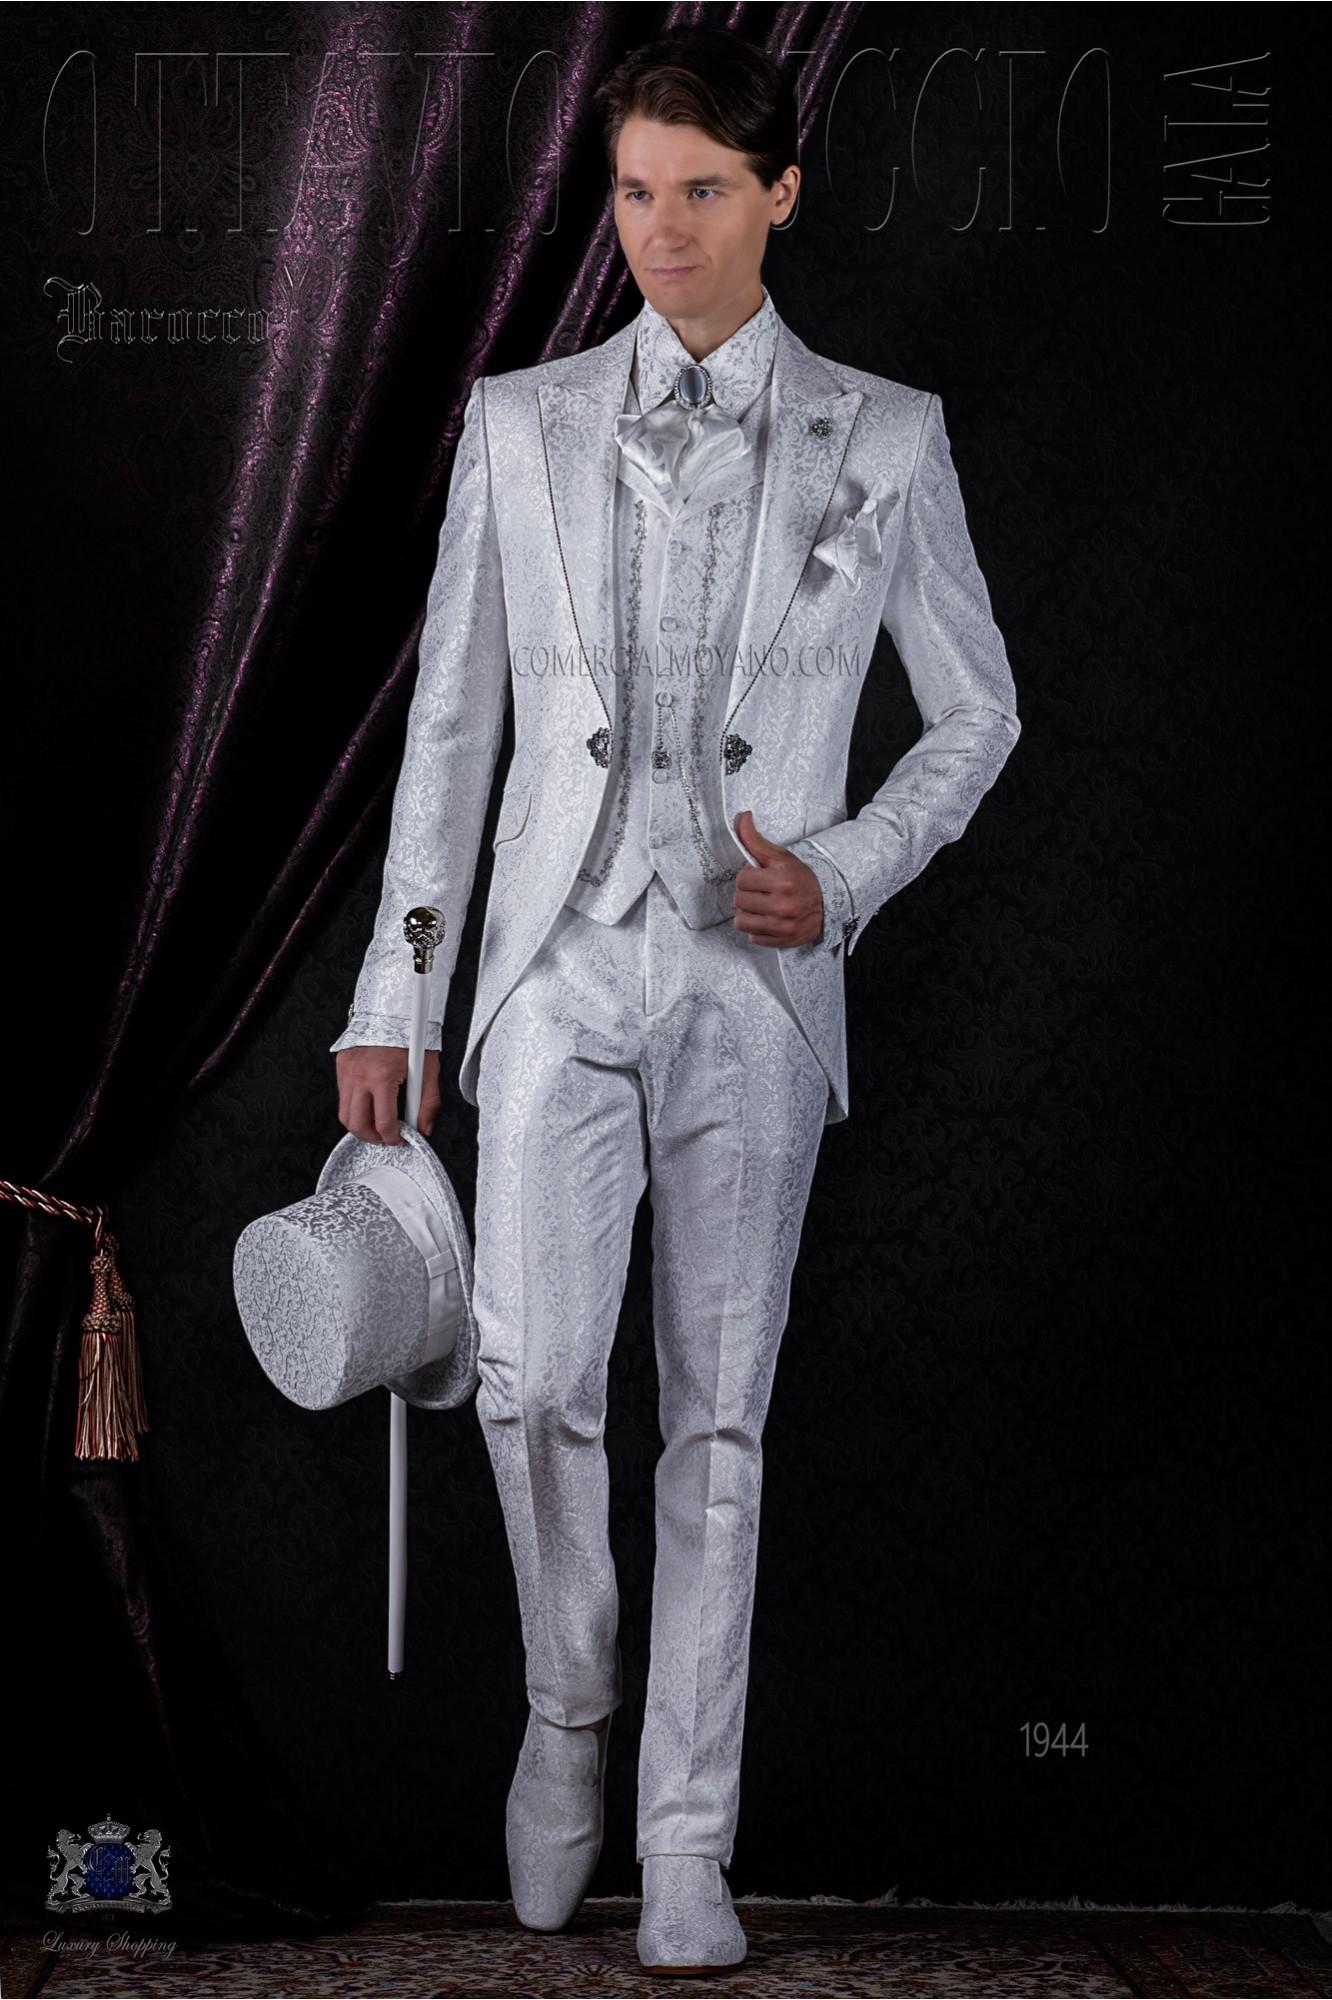 Traje de novio barroco brocado blanco con strass cristal modelo: 1944 Ottavio Nuccio Gala colección 2017 Barroco